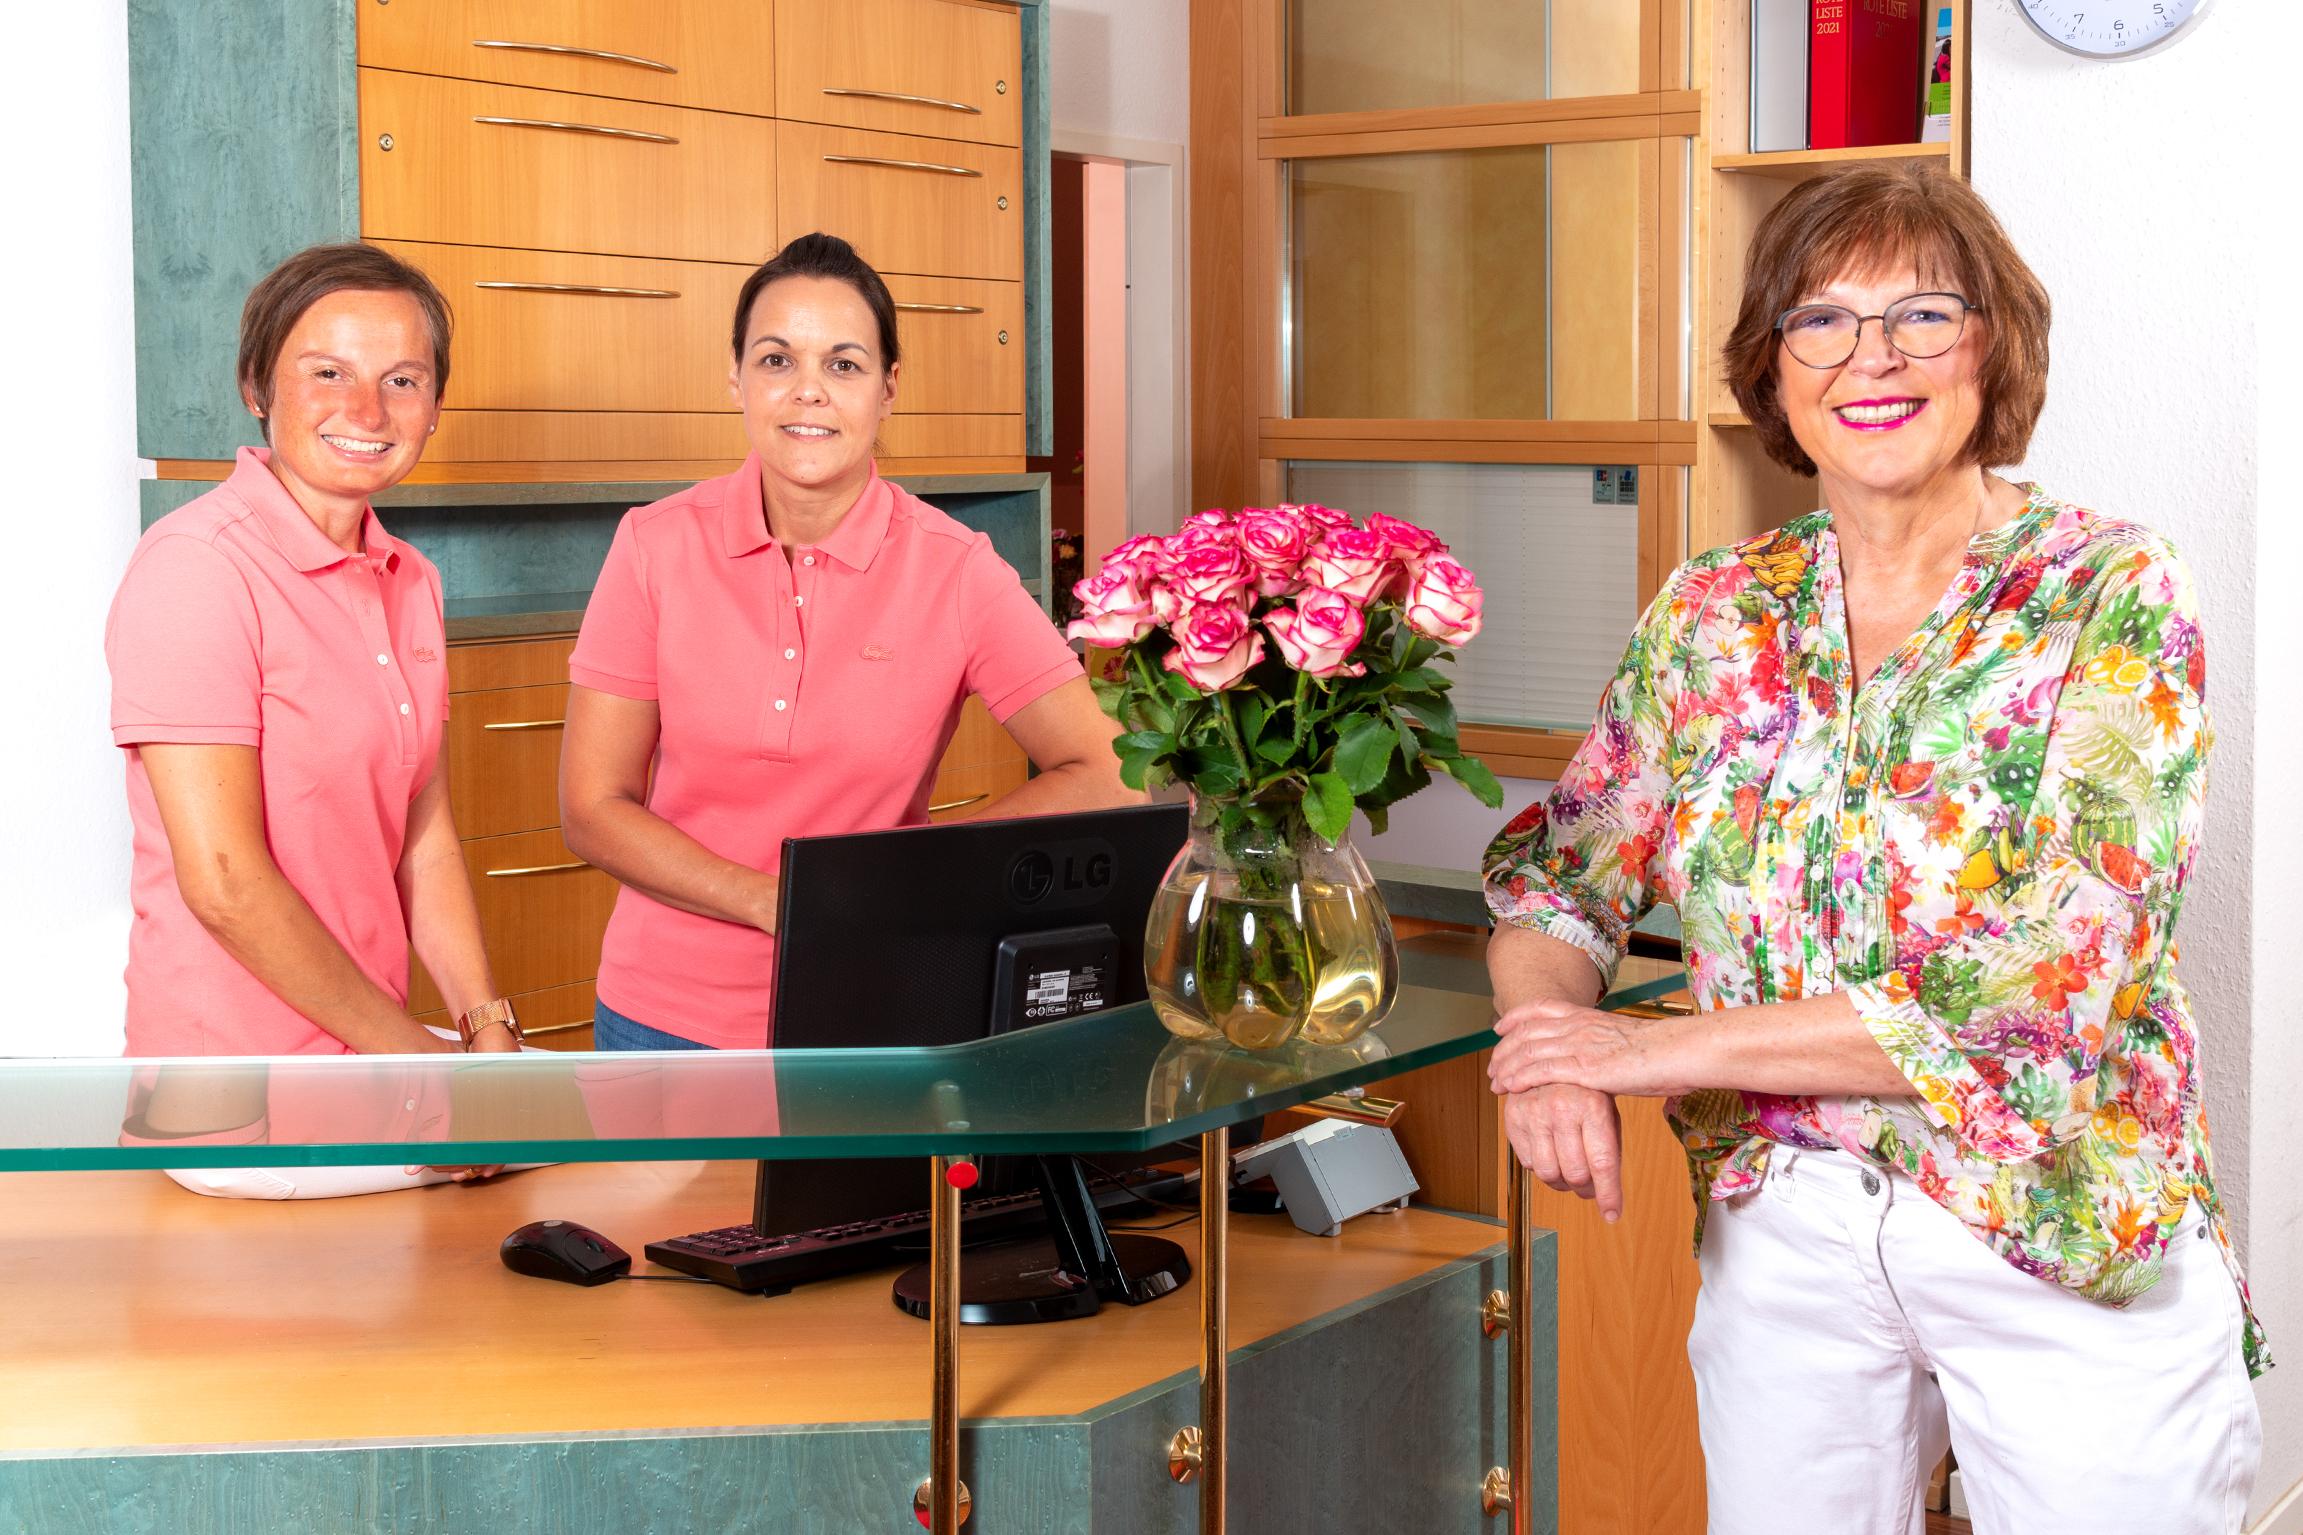 Team der Praxis Dr. Eva-Maria Schindler in Essen-Kettwig